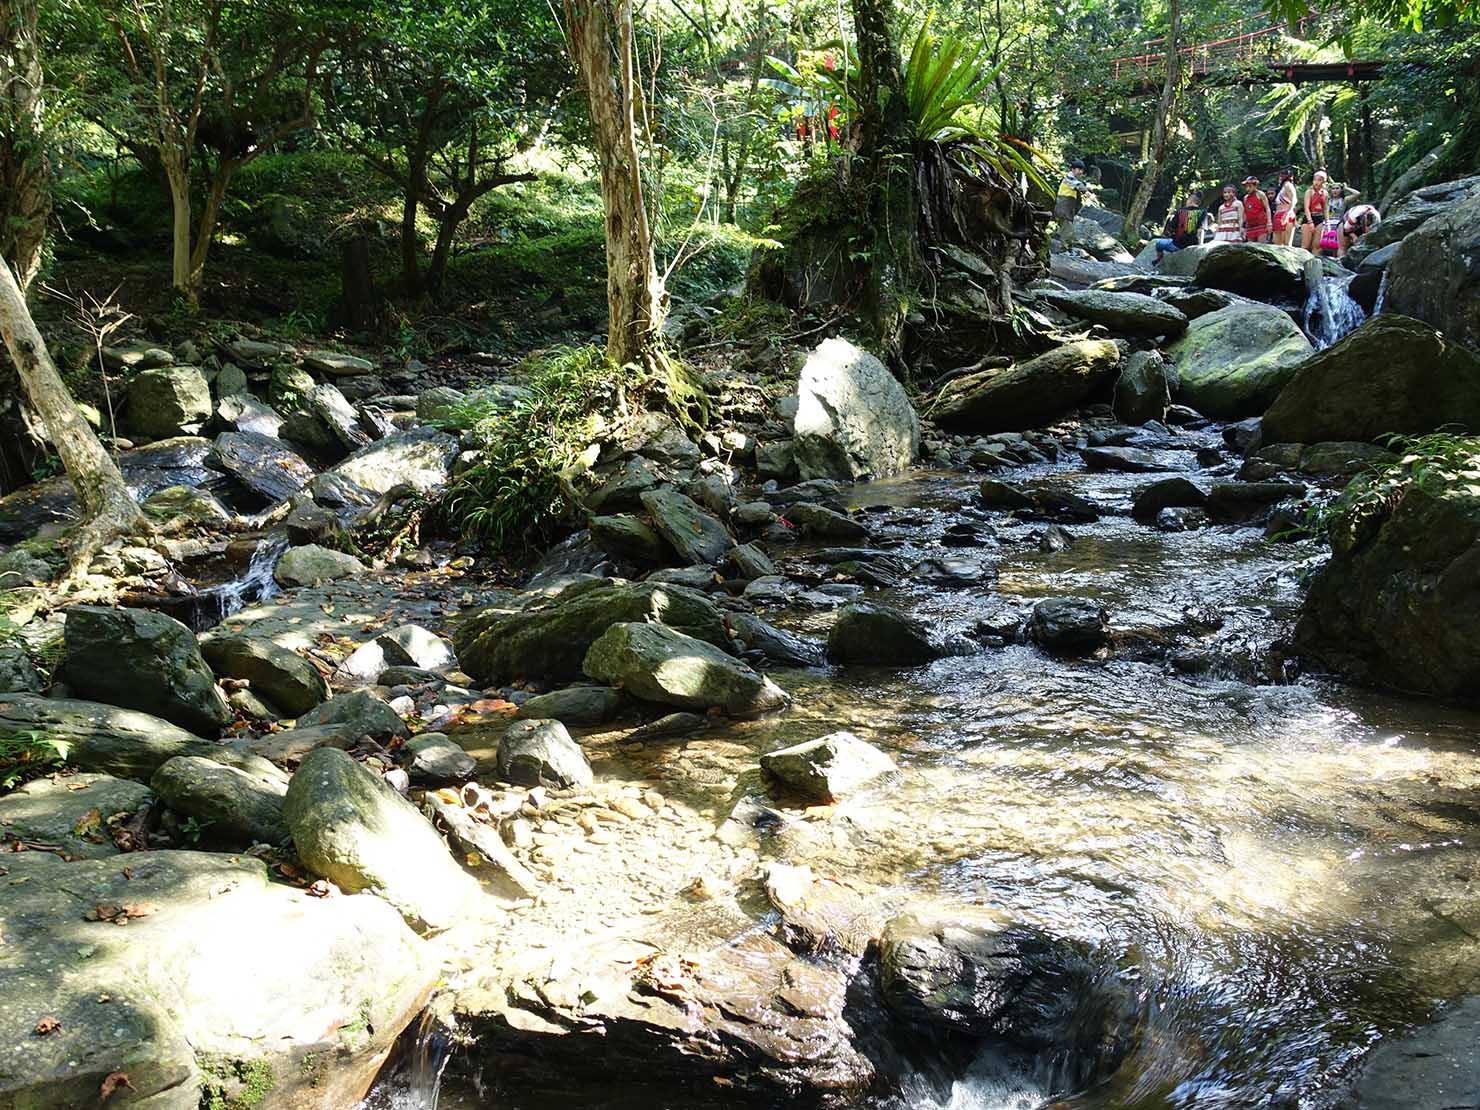 台北・烏來温泉から行けるテーマパーク「雲仙樂園」園内を流れる小川